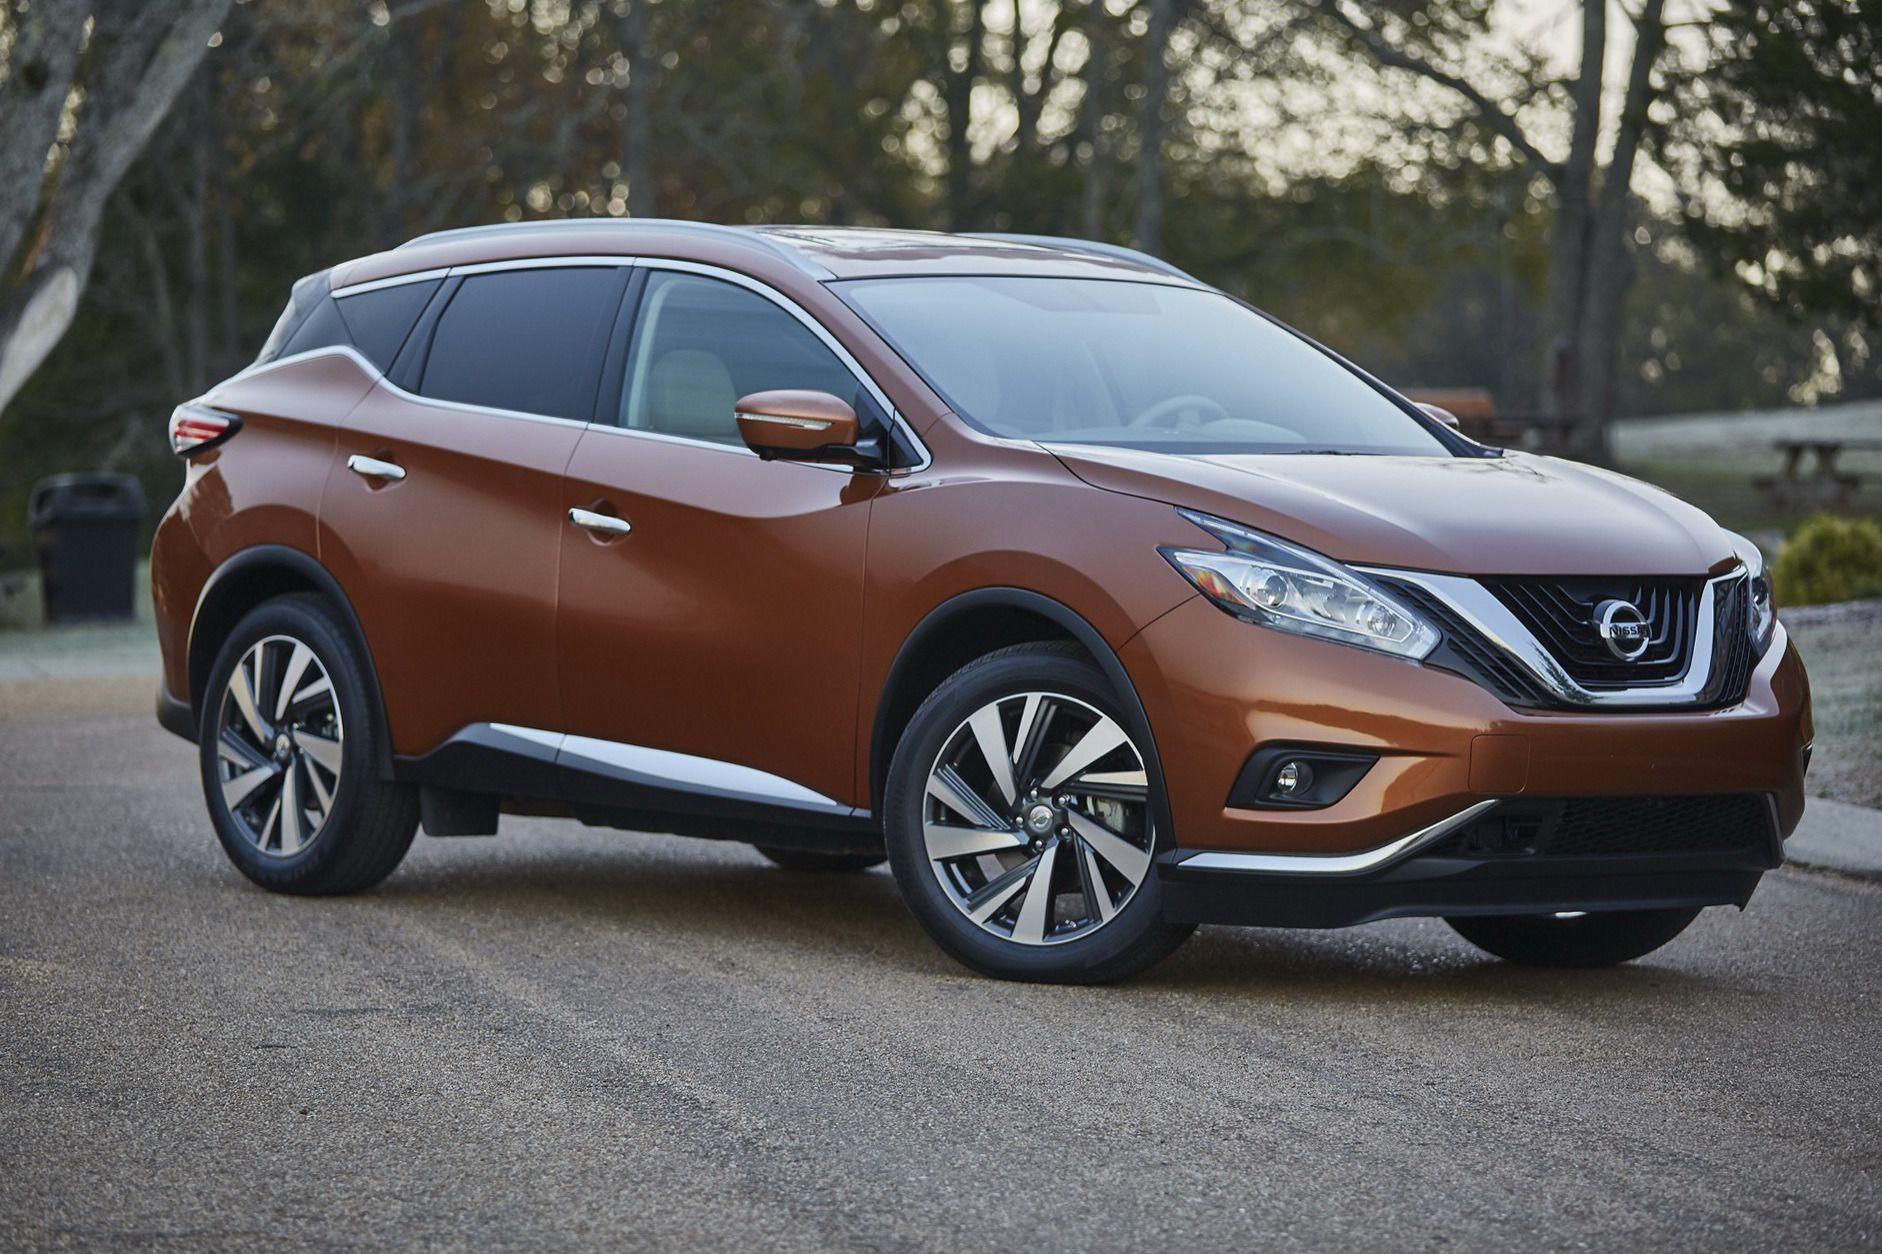 2016 Nissan Murano Luxury Suv Nissan Murano Nissan